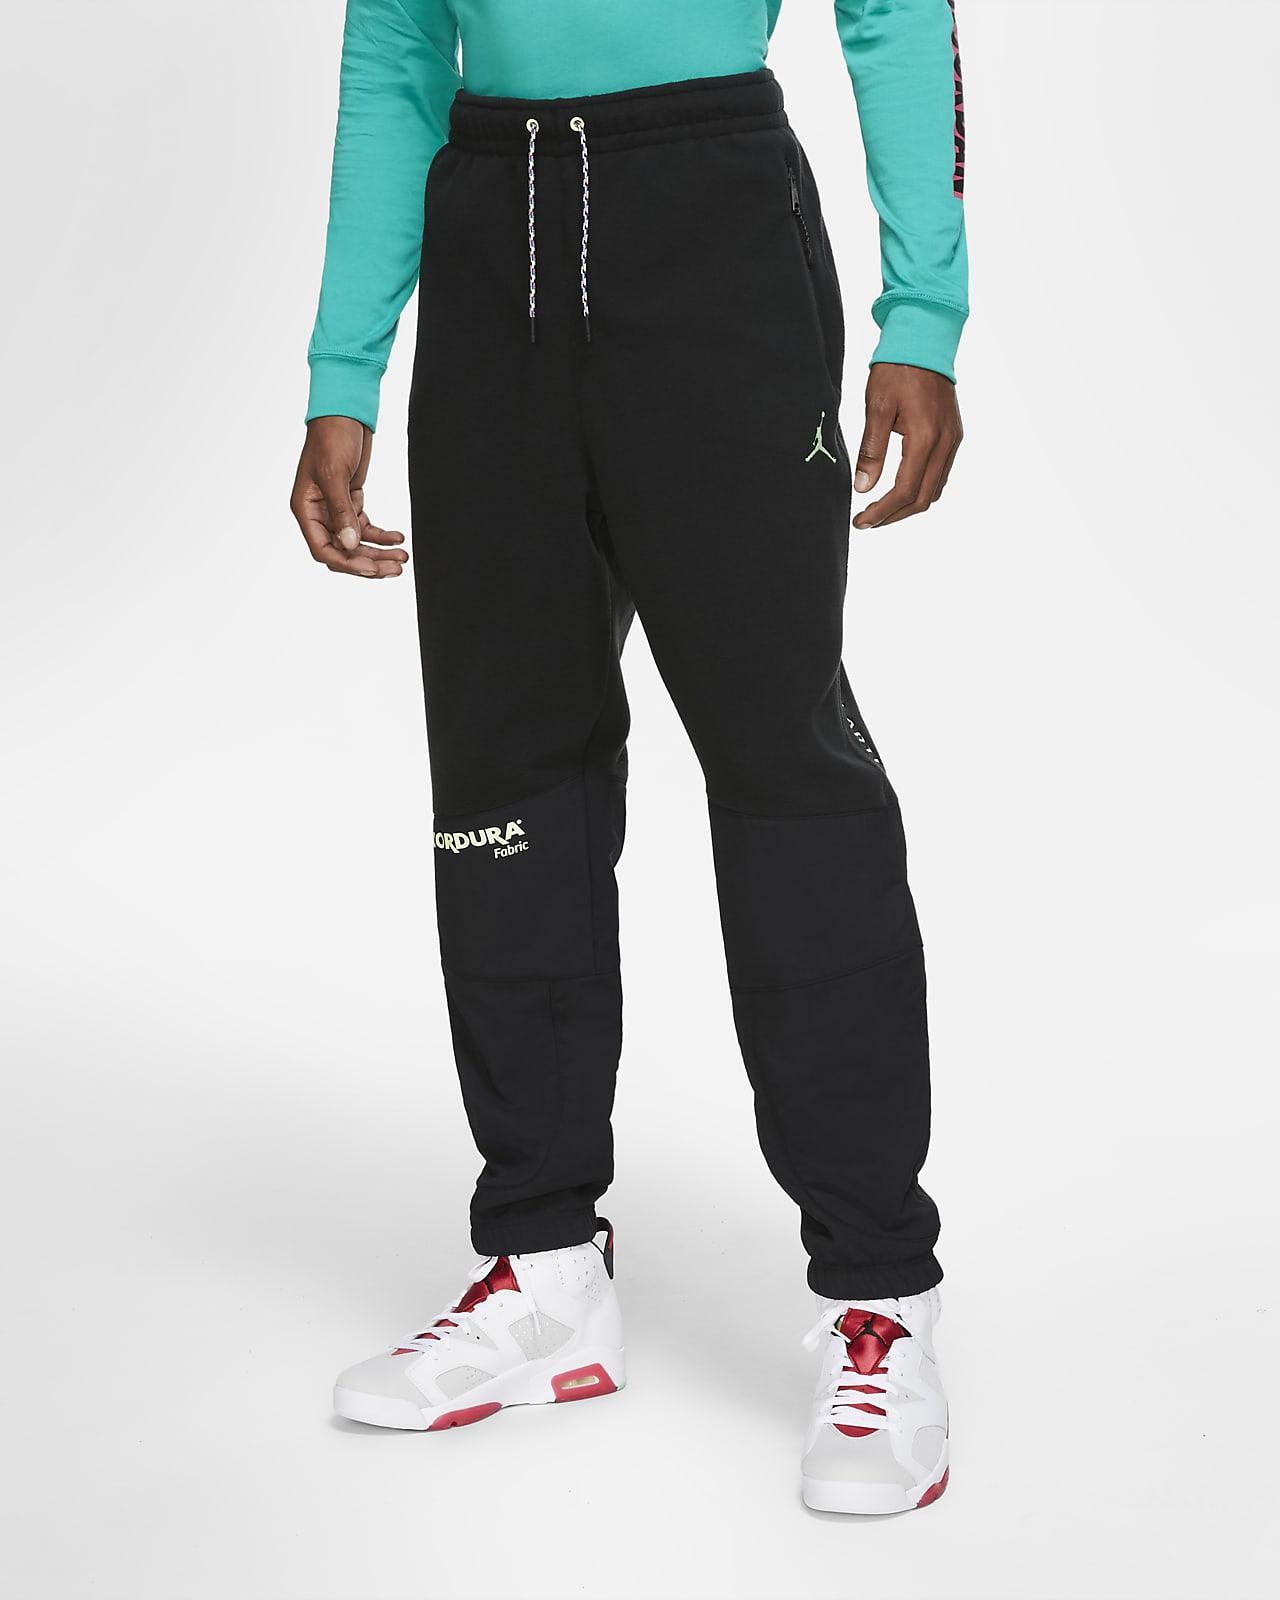 Pantalon Jordan Winter Utility pour Homme